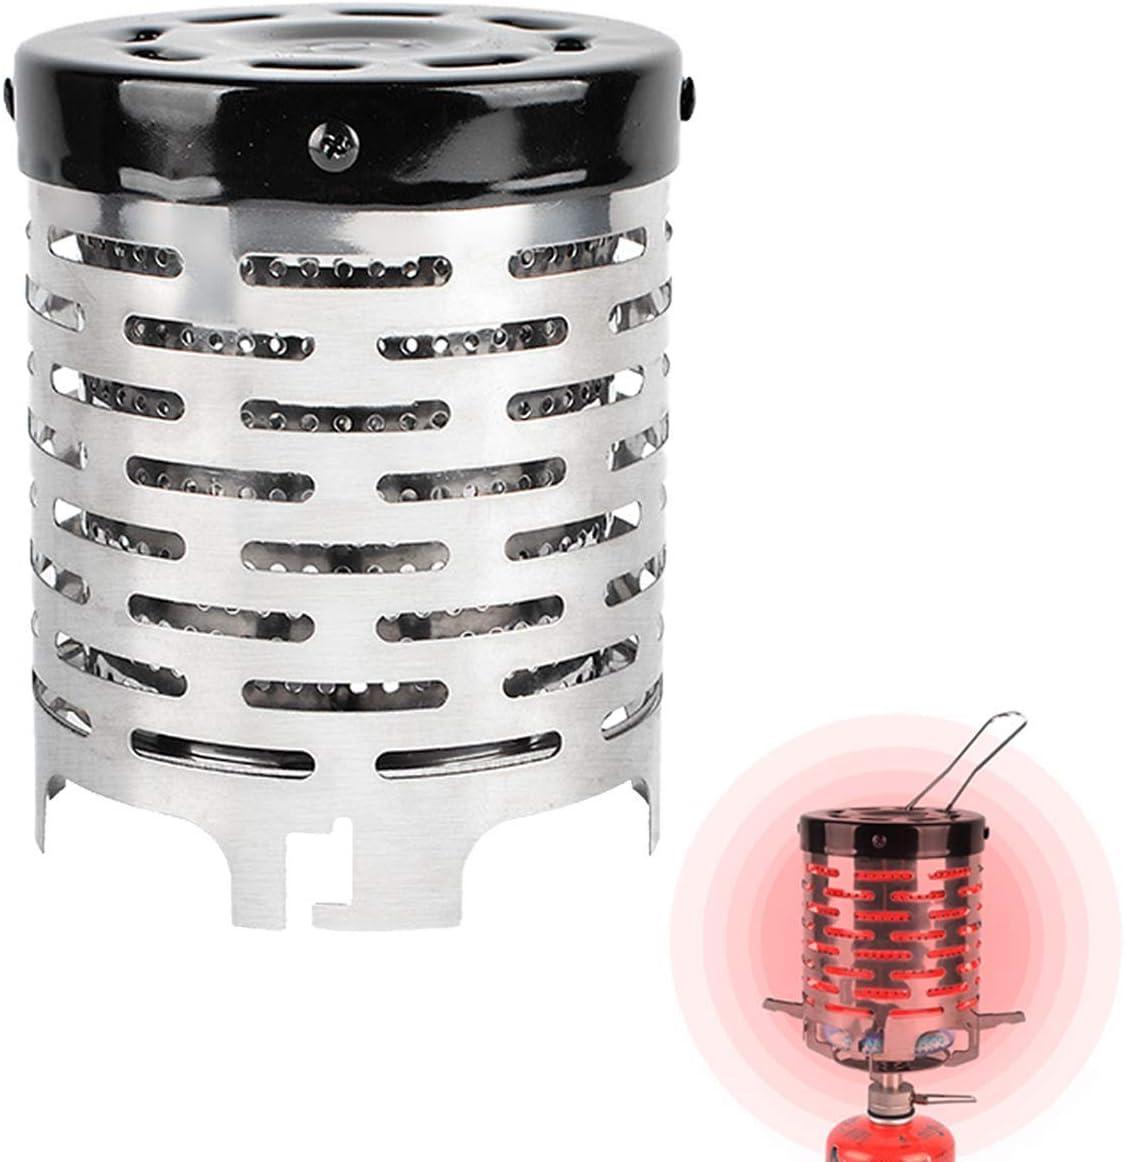 ASEOK Bright Spark - Adaptador Estufa para Usar al Aire Libre y Dar un Ambiente Acogedor,Mini Carpa calefactora para mochileros al Aire Libre Senderismo Travel BBQ y Pesca Carpa Exterior Calefactor